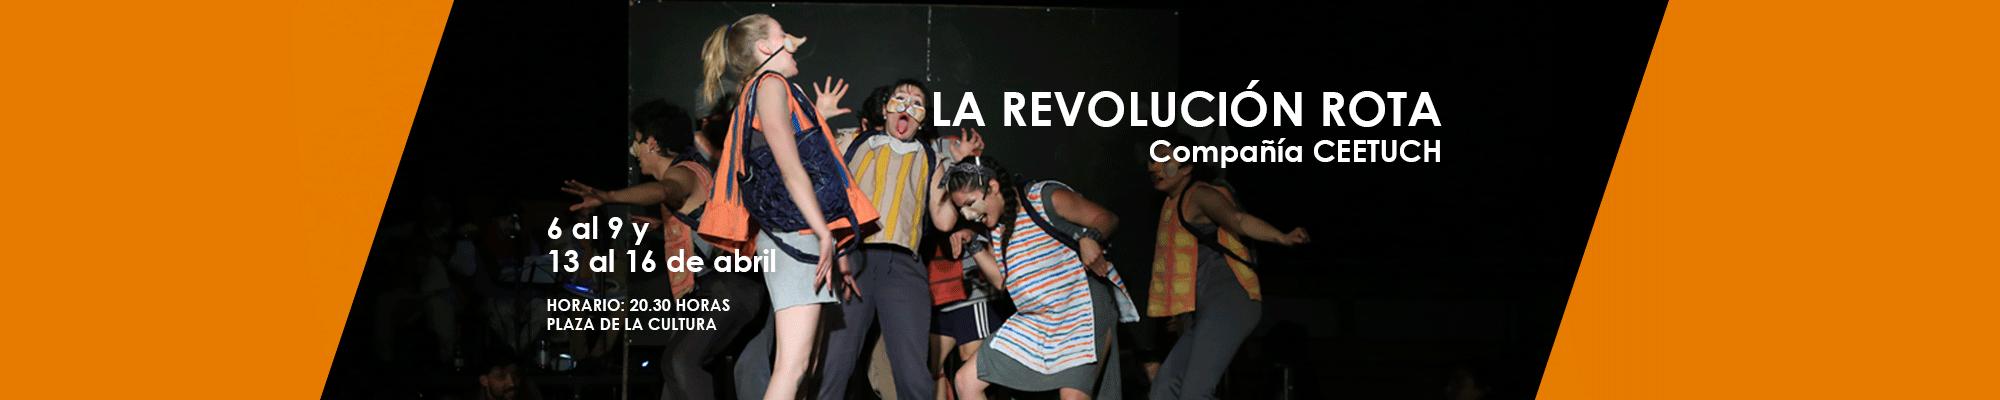 La Revolución Rota. Compañía CEETUCH